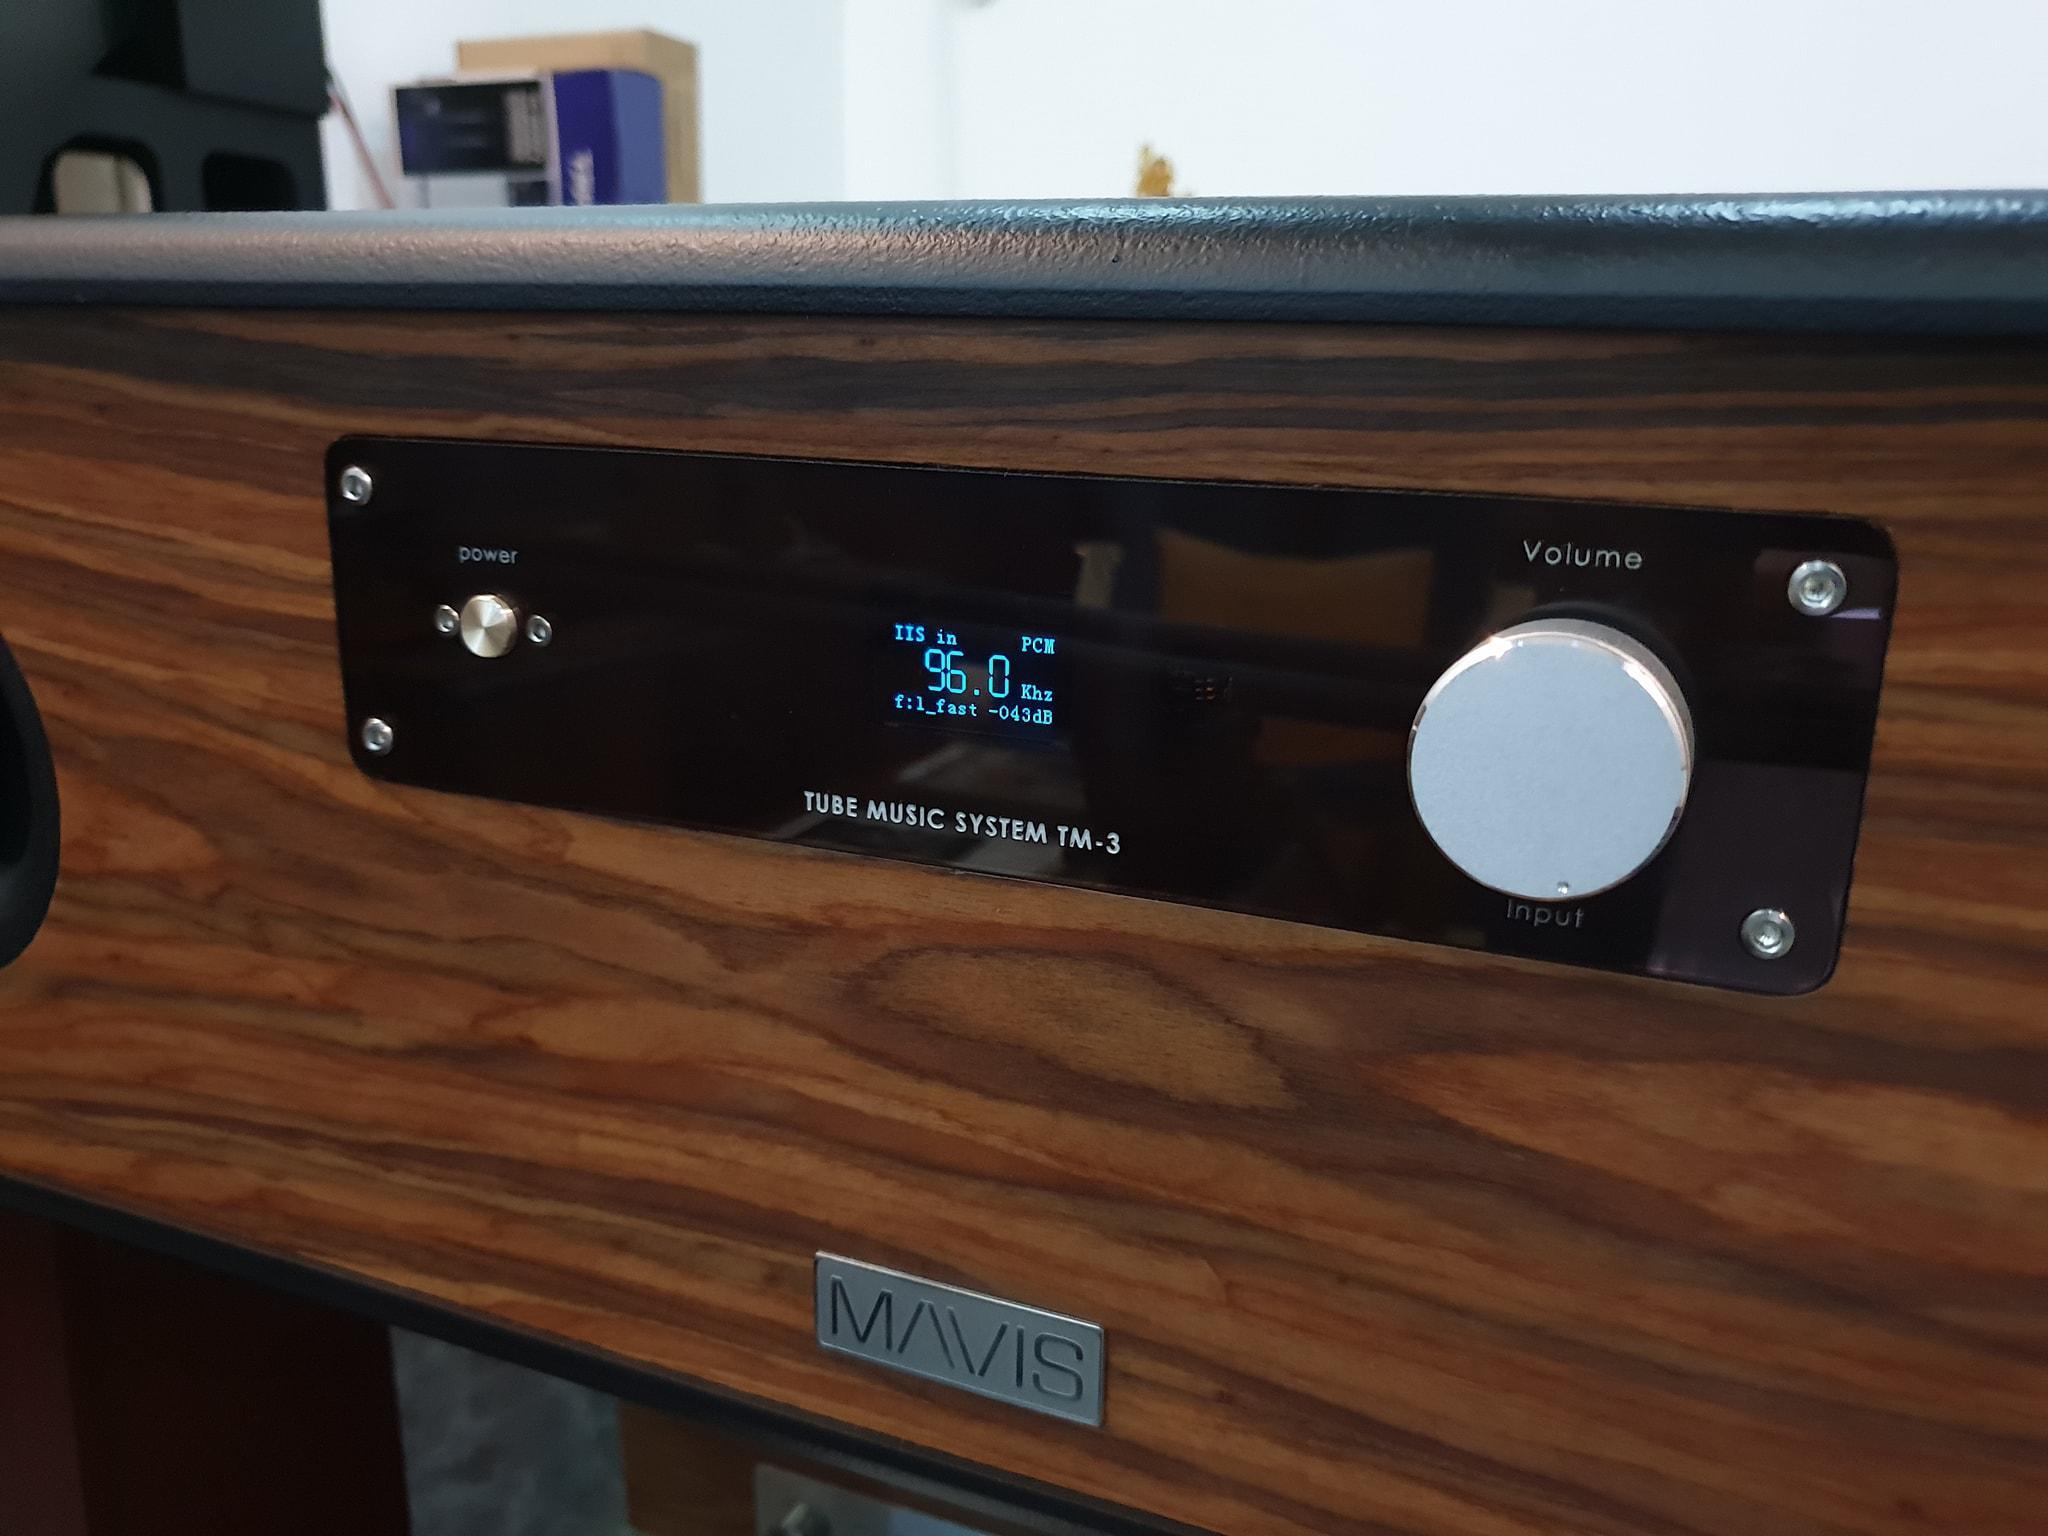 tube-music-system-TM-3-3